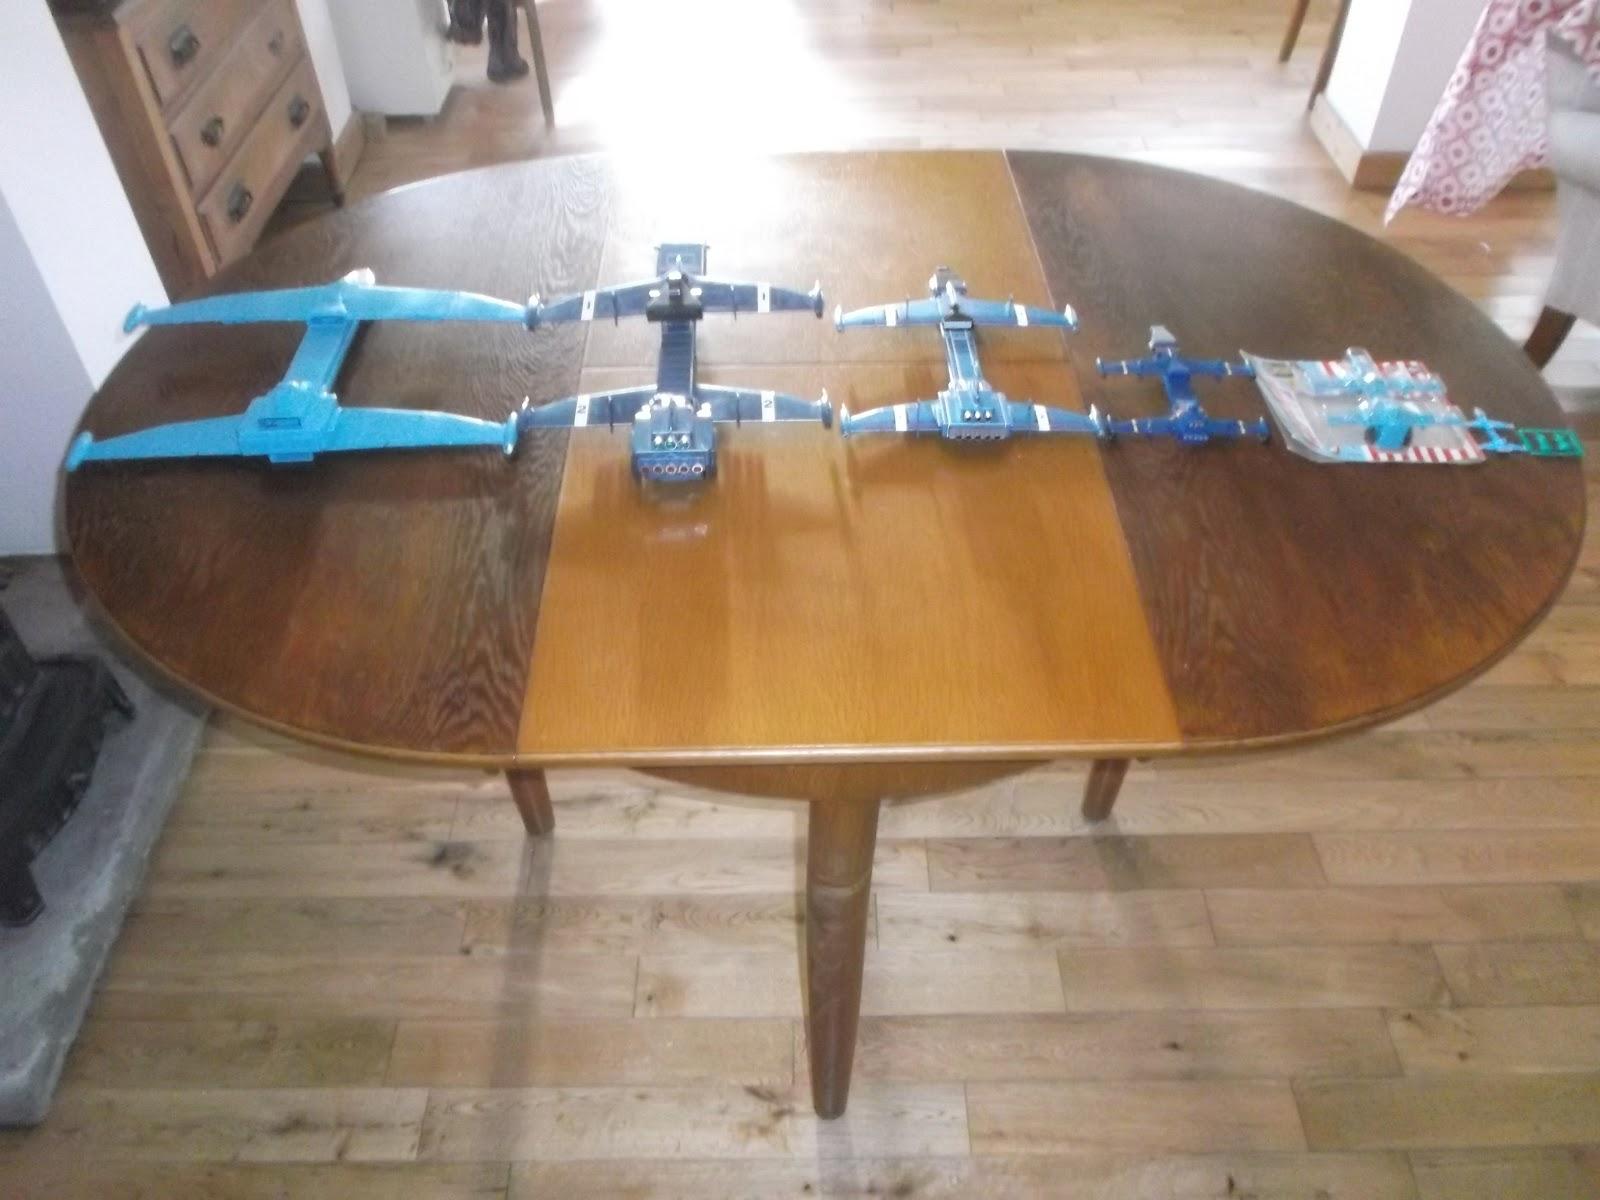 MOONBASE CENTRAL OX FLEET ZERO X DISPLAY TABLE